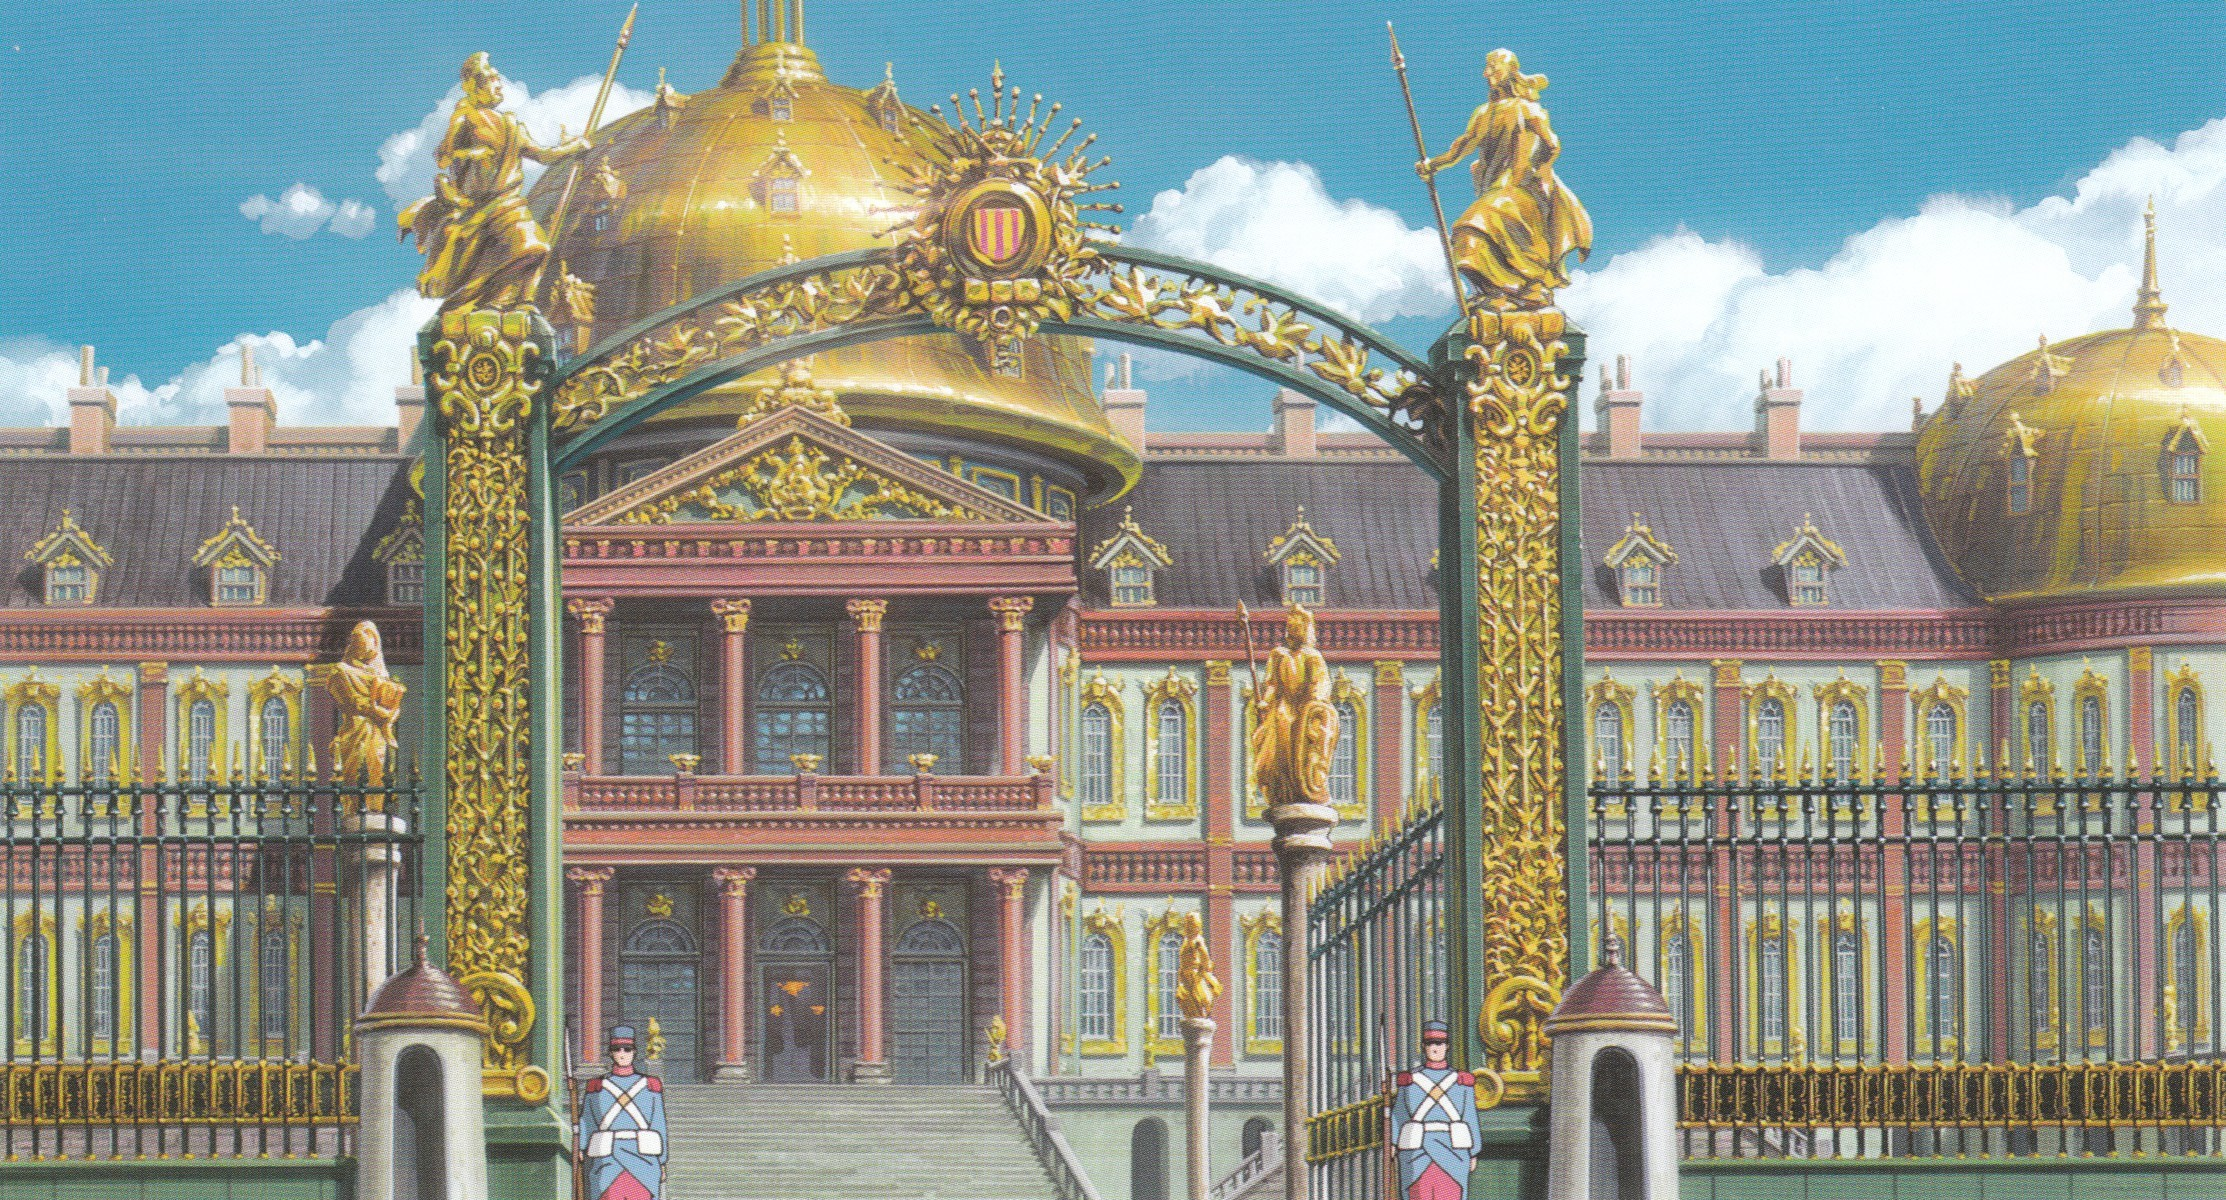 бостоне картинка королевский дворец сказочный случае отказа